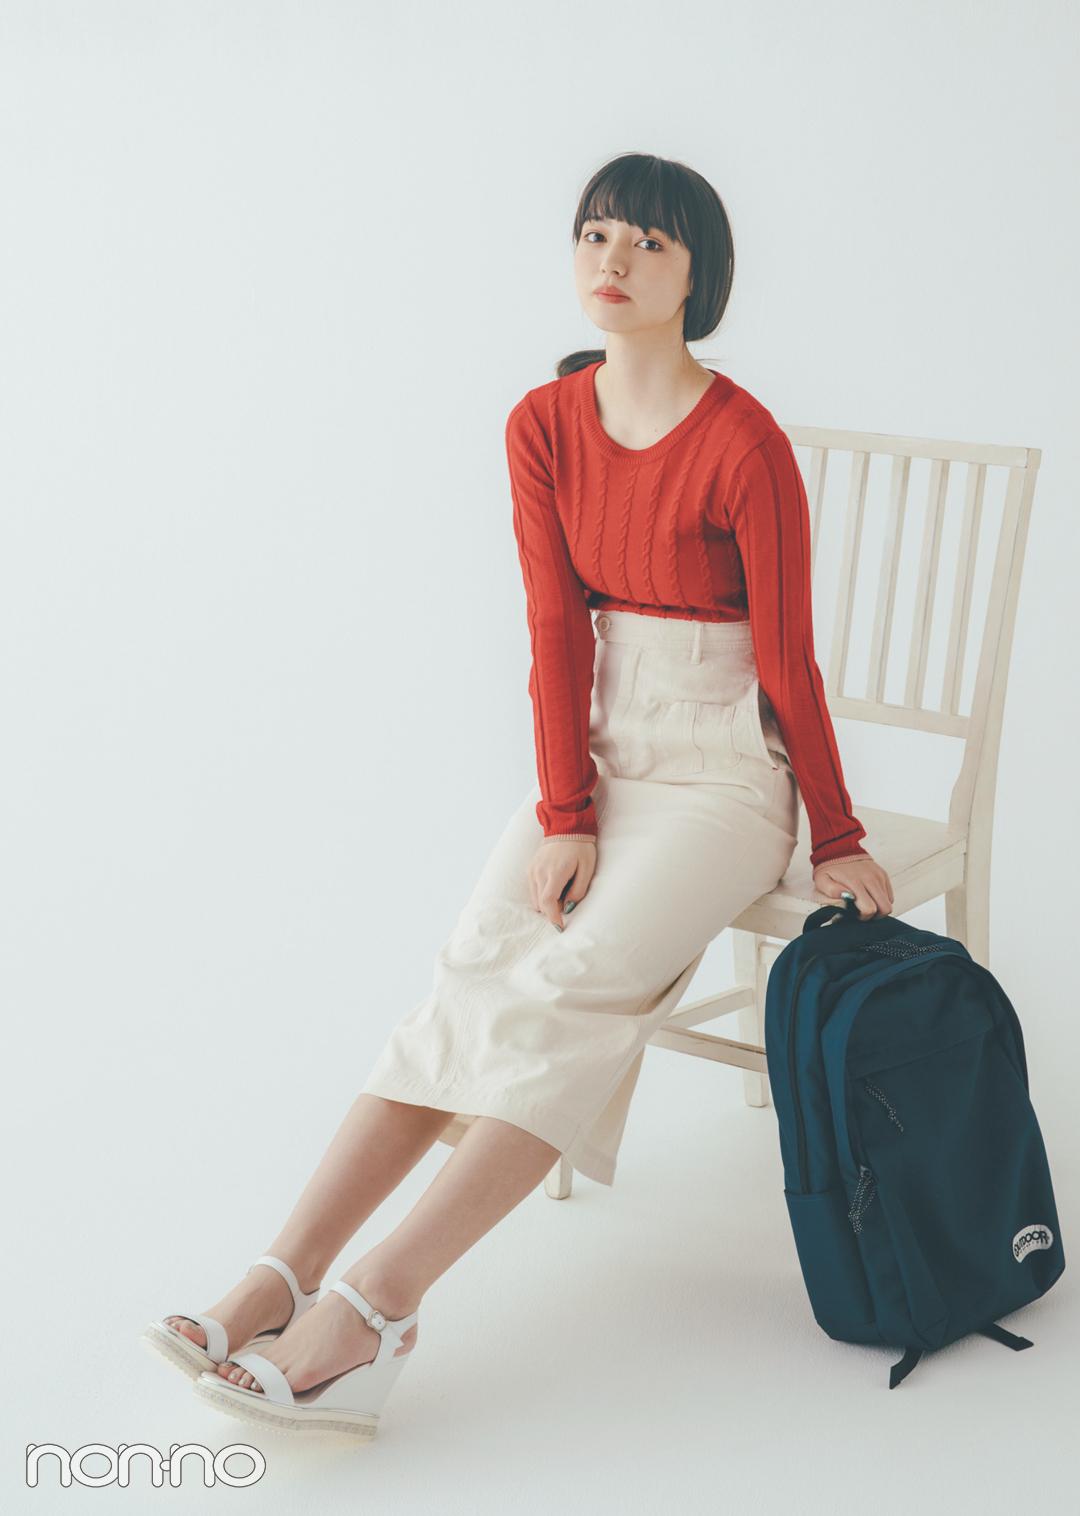 貴島明日香の赤×白×ネイビーがお手本! 好感度&おしゃれ感どっちも♡  _1_3-2